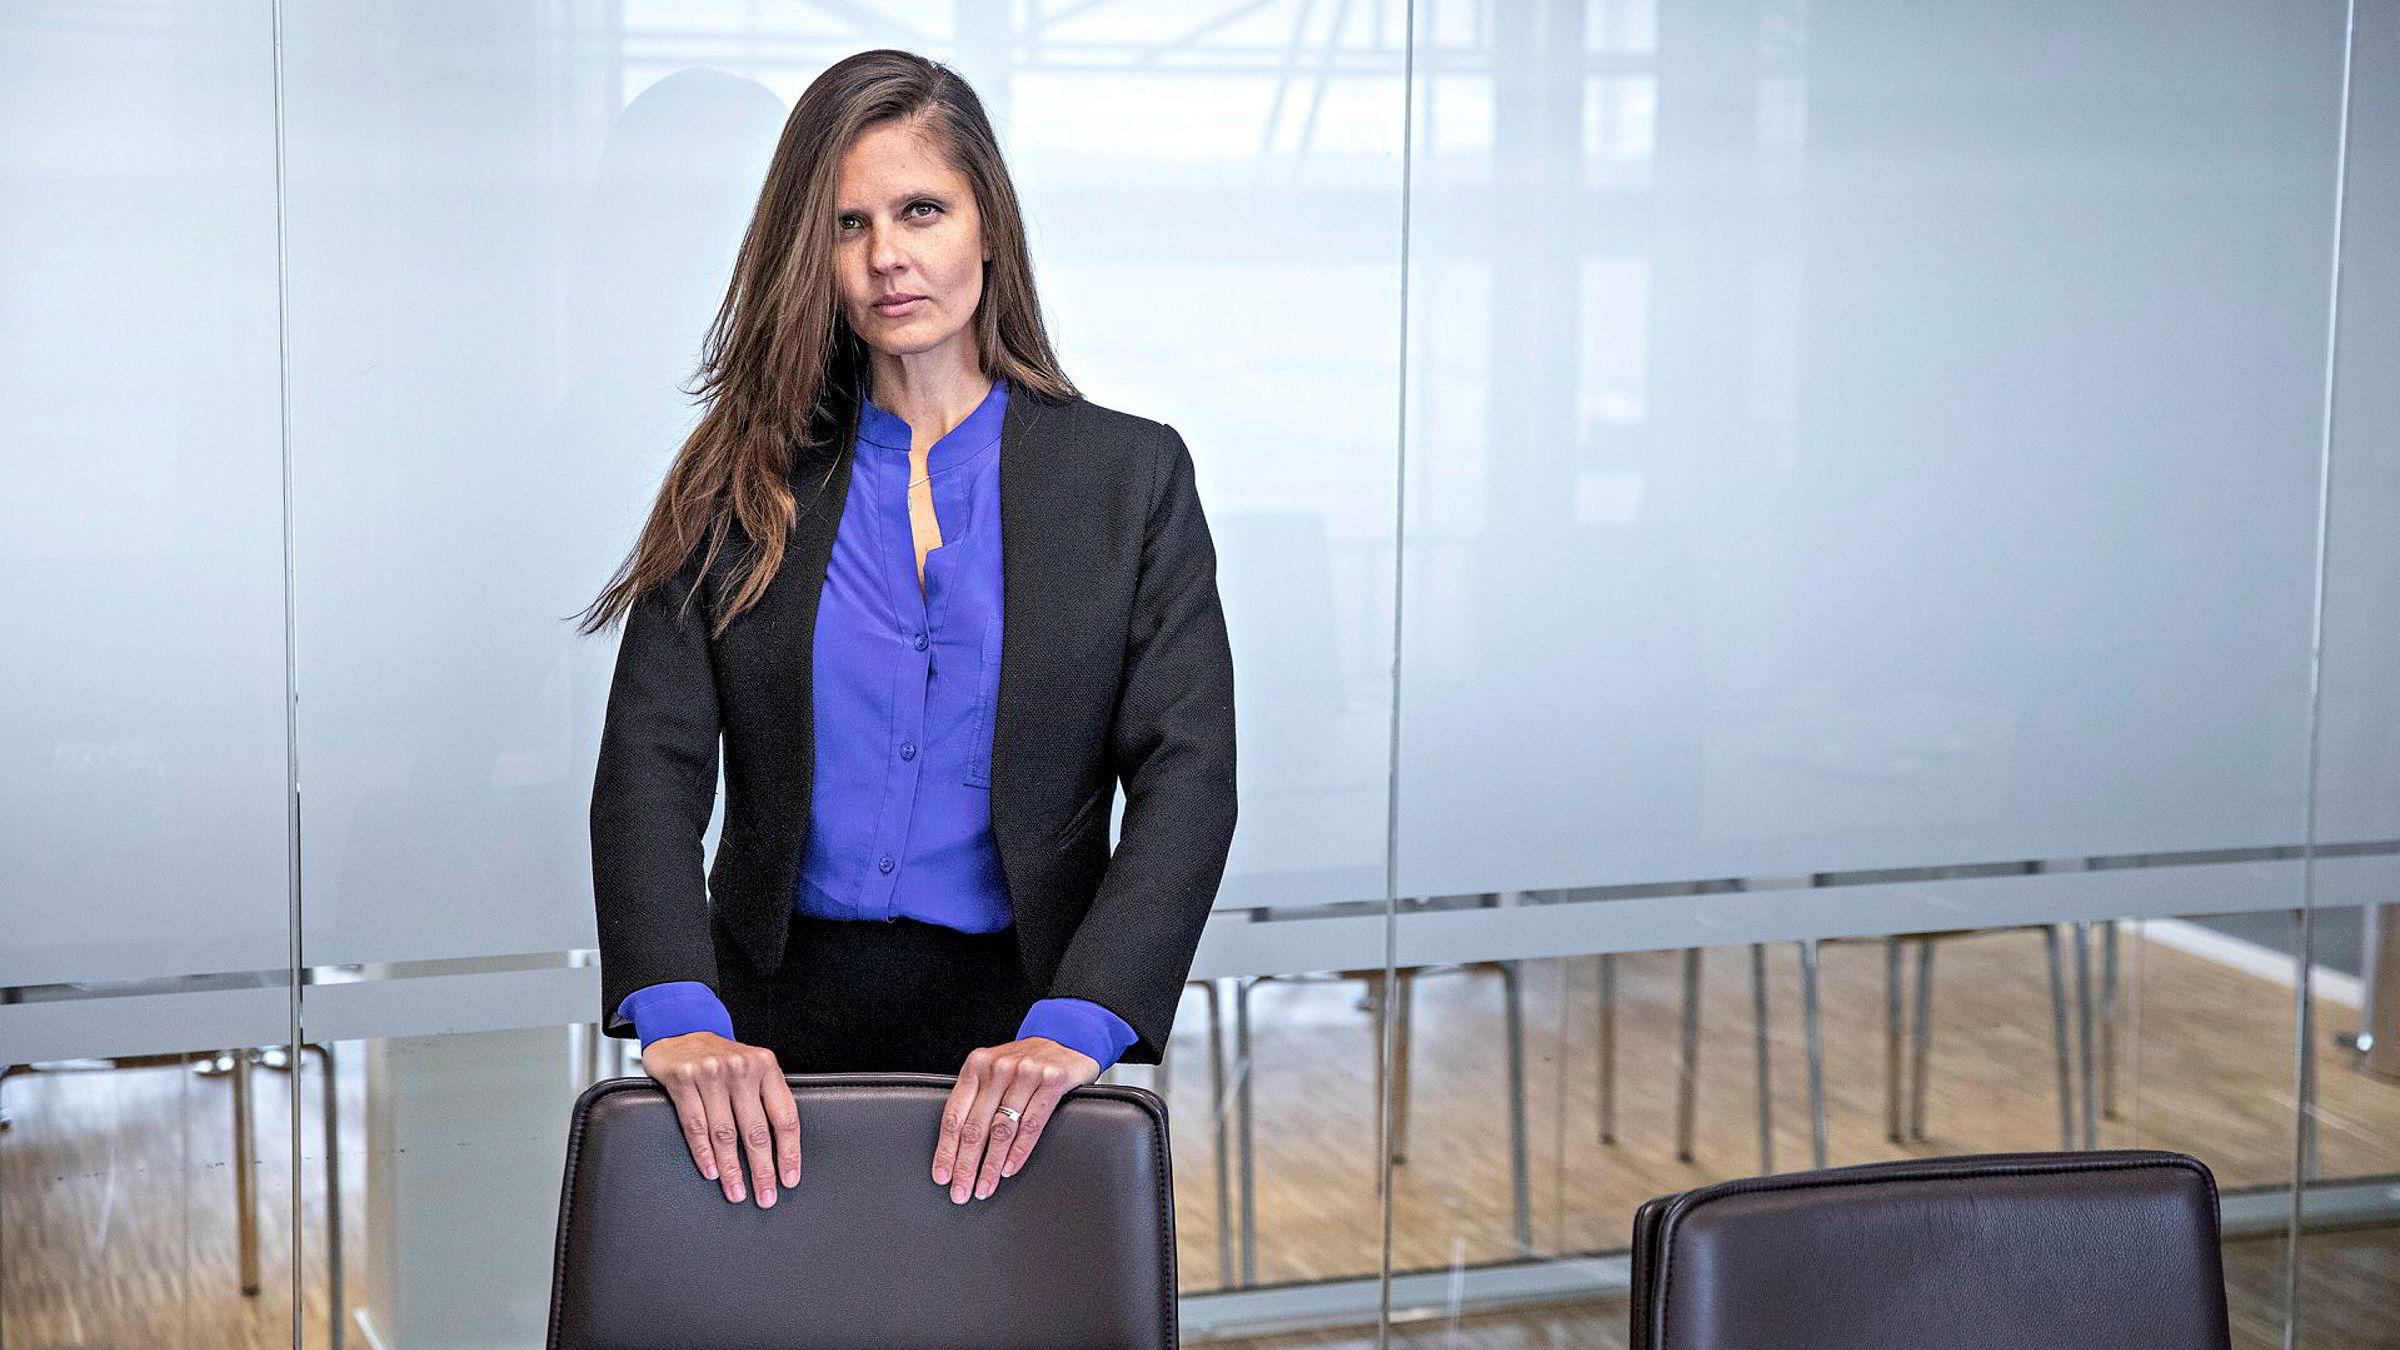 Oljeanalytiker Nadia Martin Wiggen i Pareto Securities er klart på at det vil ta tid for oljeprodusenter kommer seg helt tilbake.